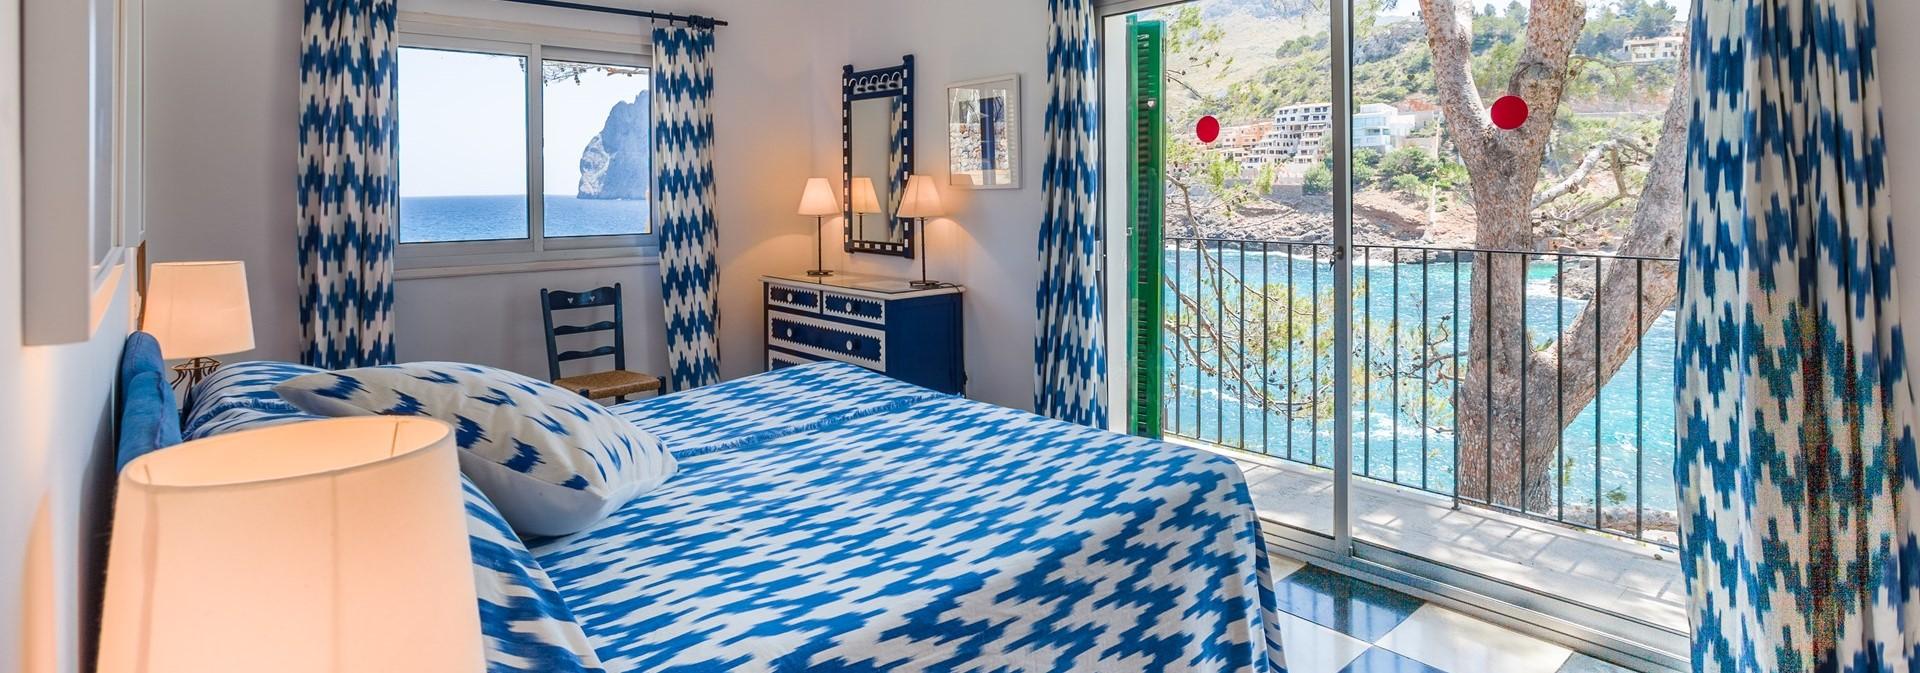 villa-mar-azul-double-bedroom-1